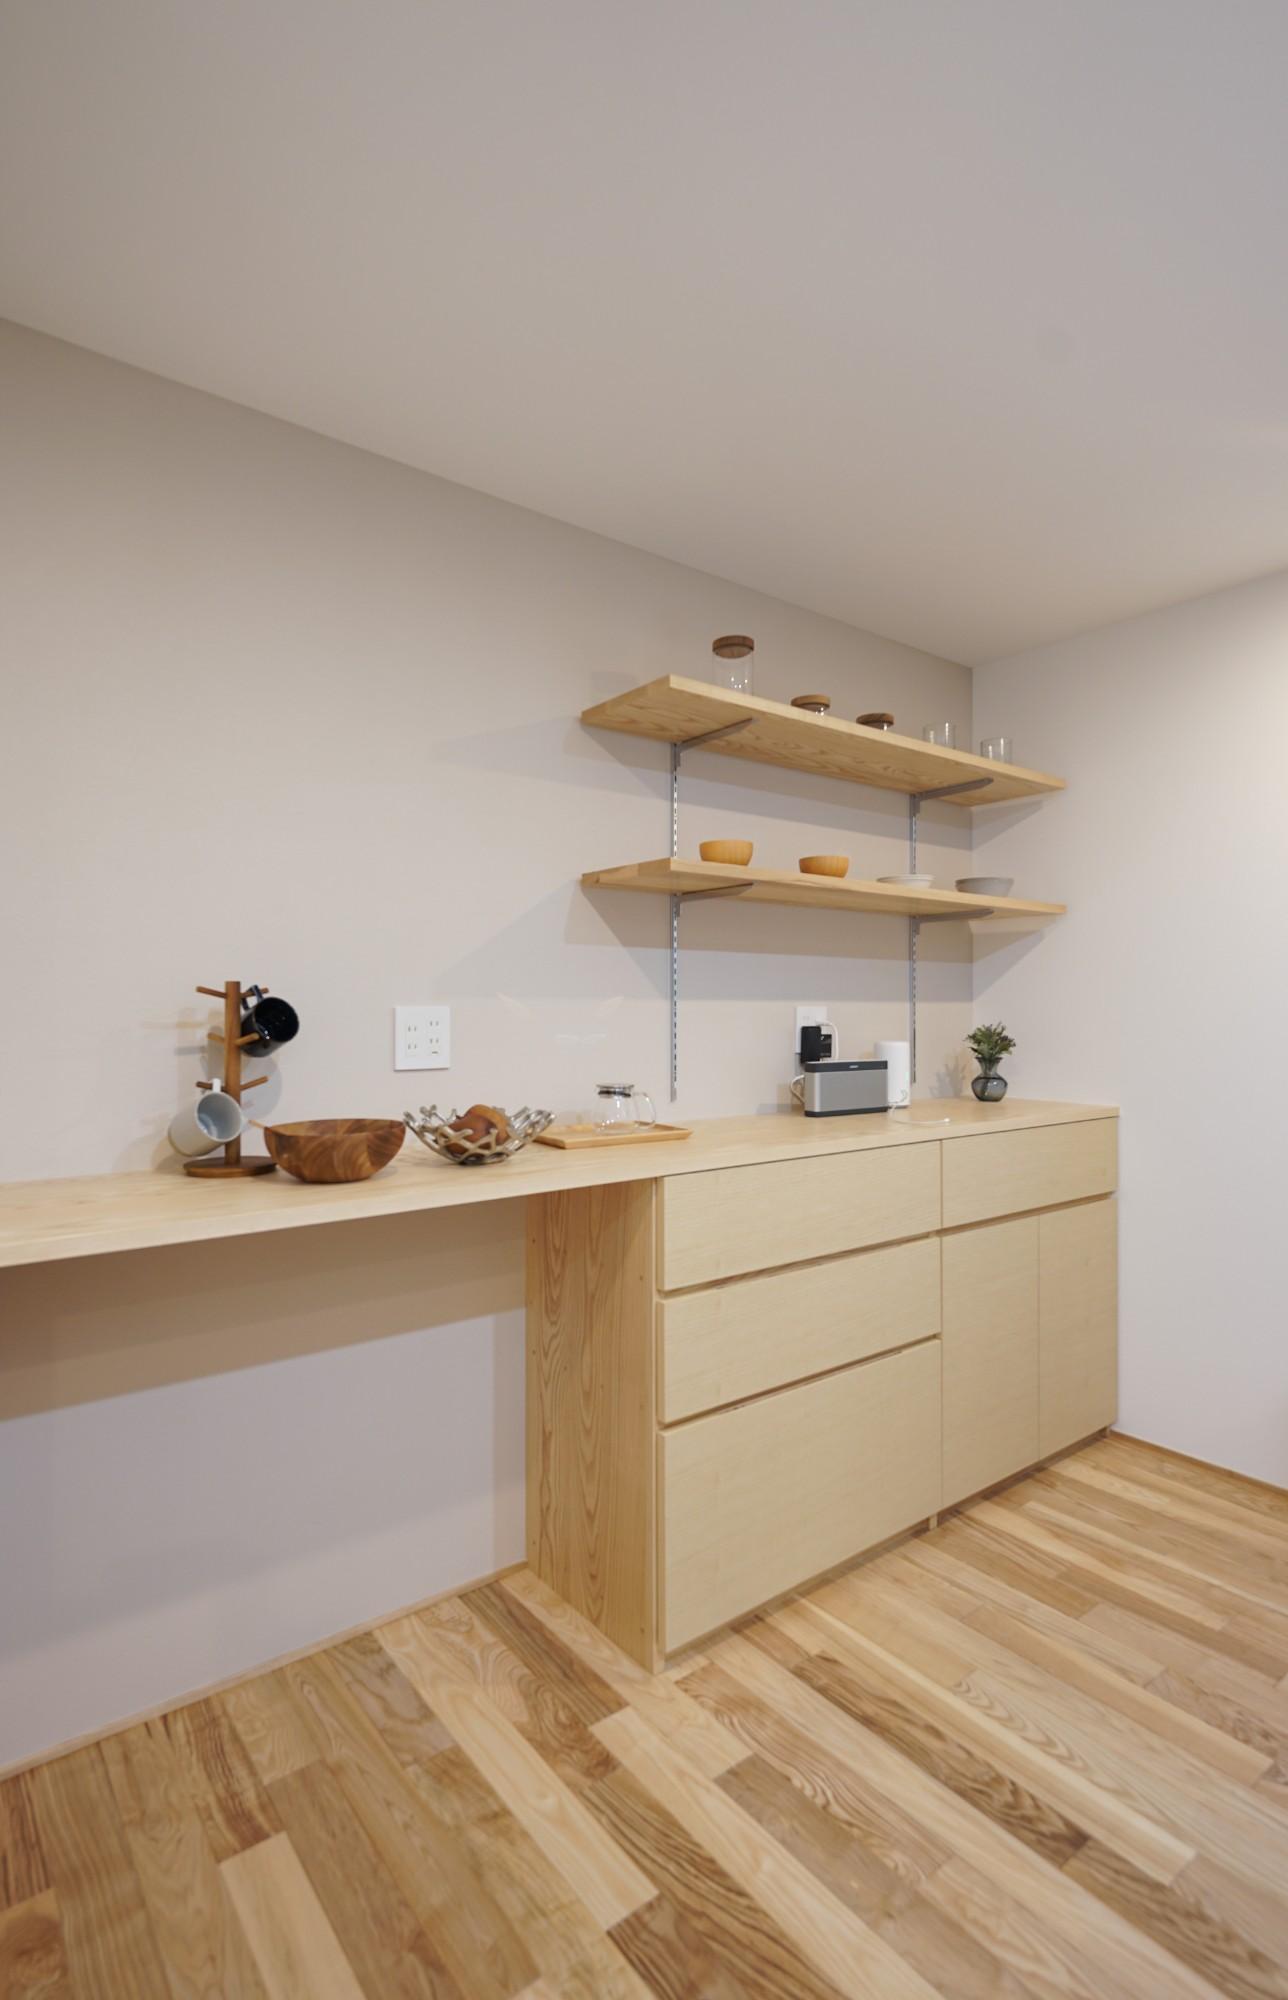 株式会社ユースフルハウス「吹き抜けのあるプライベートな住まい」のシンプル・ナチュラルなキッチンの実例写真